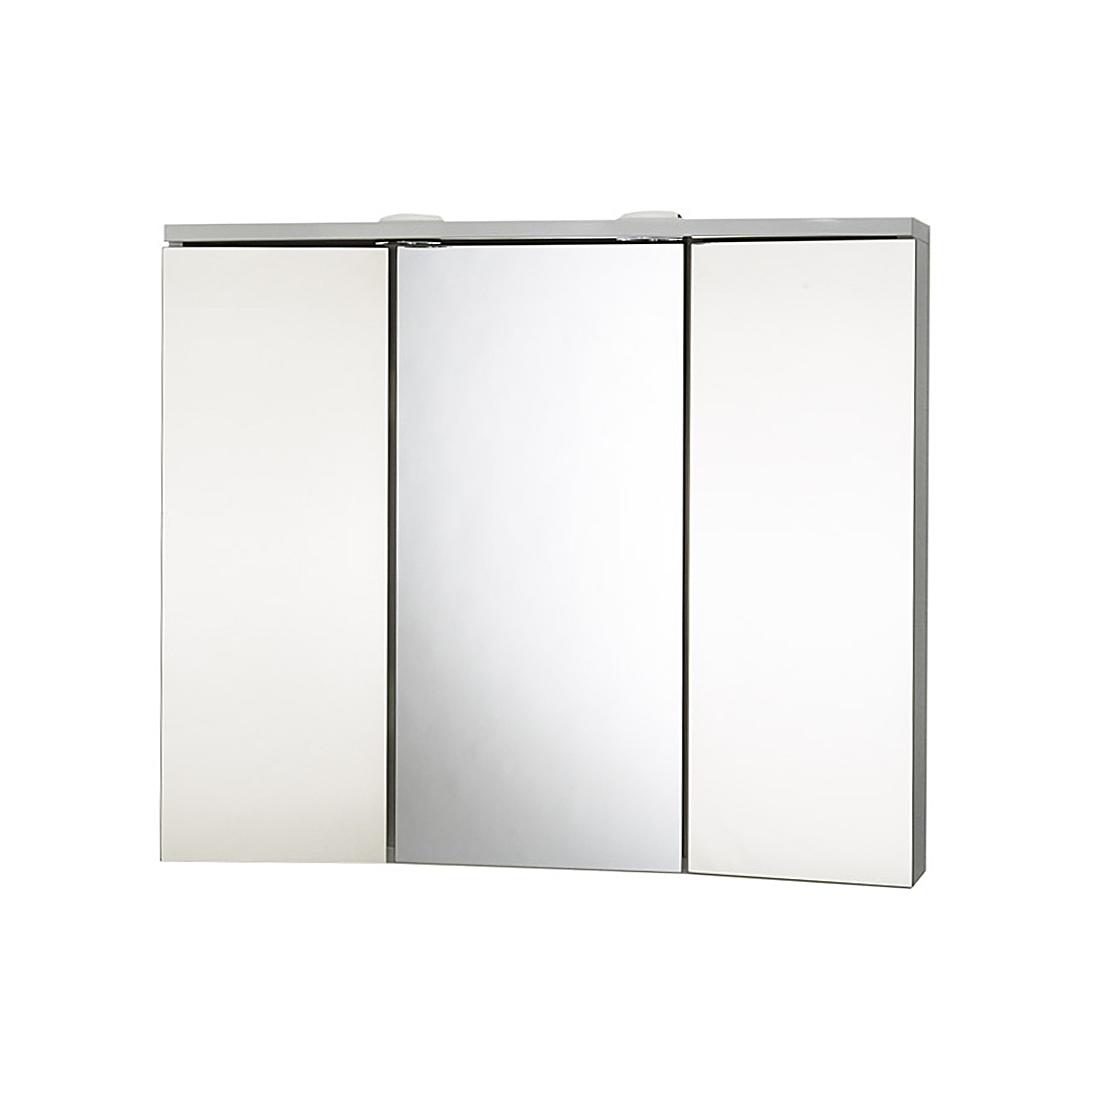 Spiegelschrank 3 türig Weiß Beleuchtet Badezimmerschrank Bad